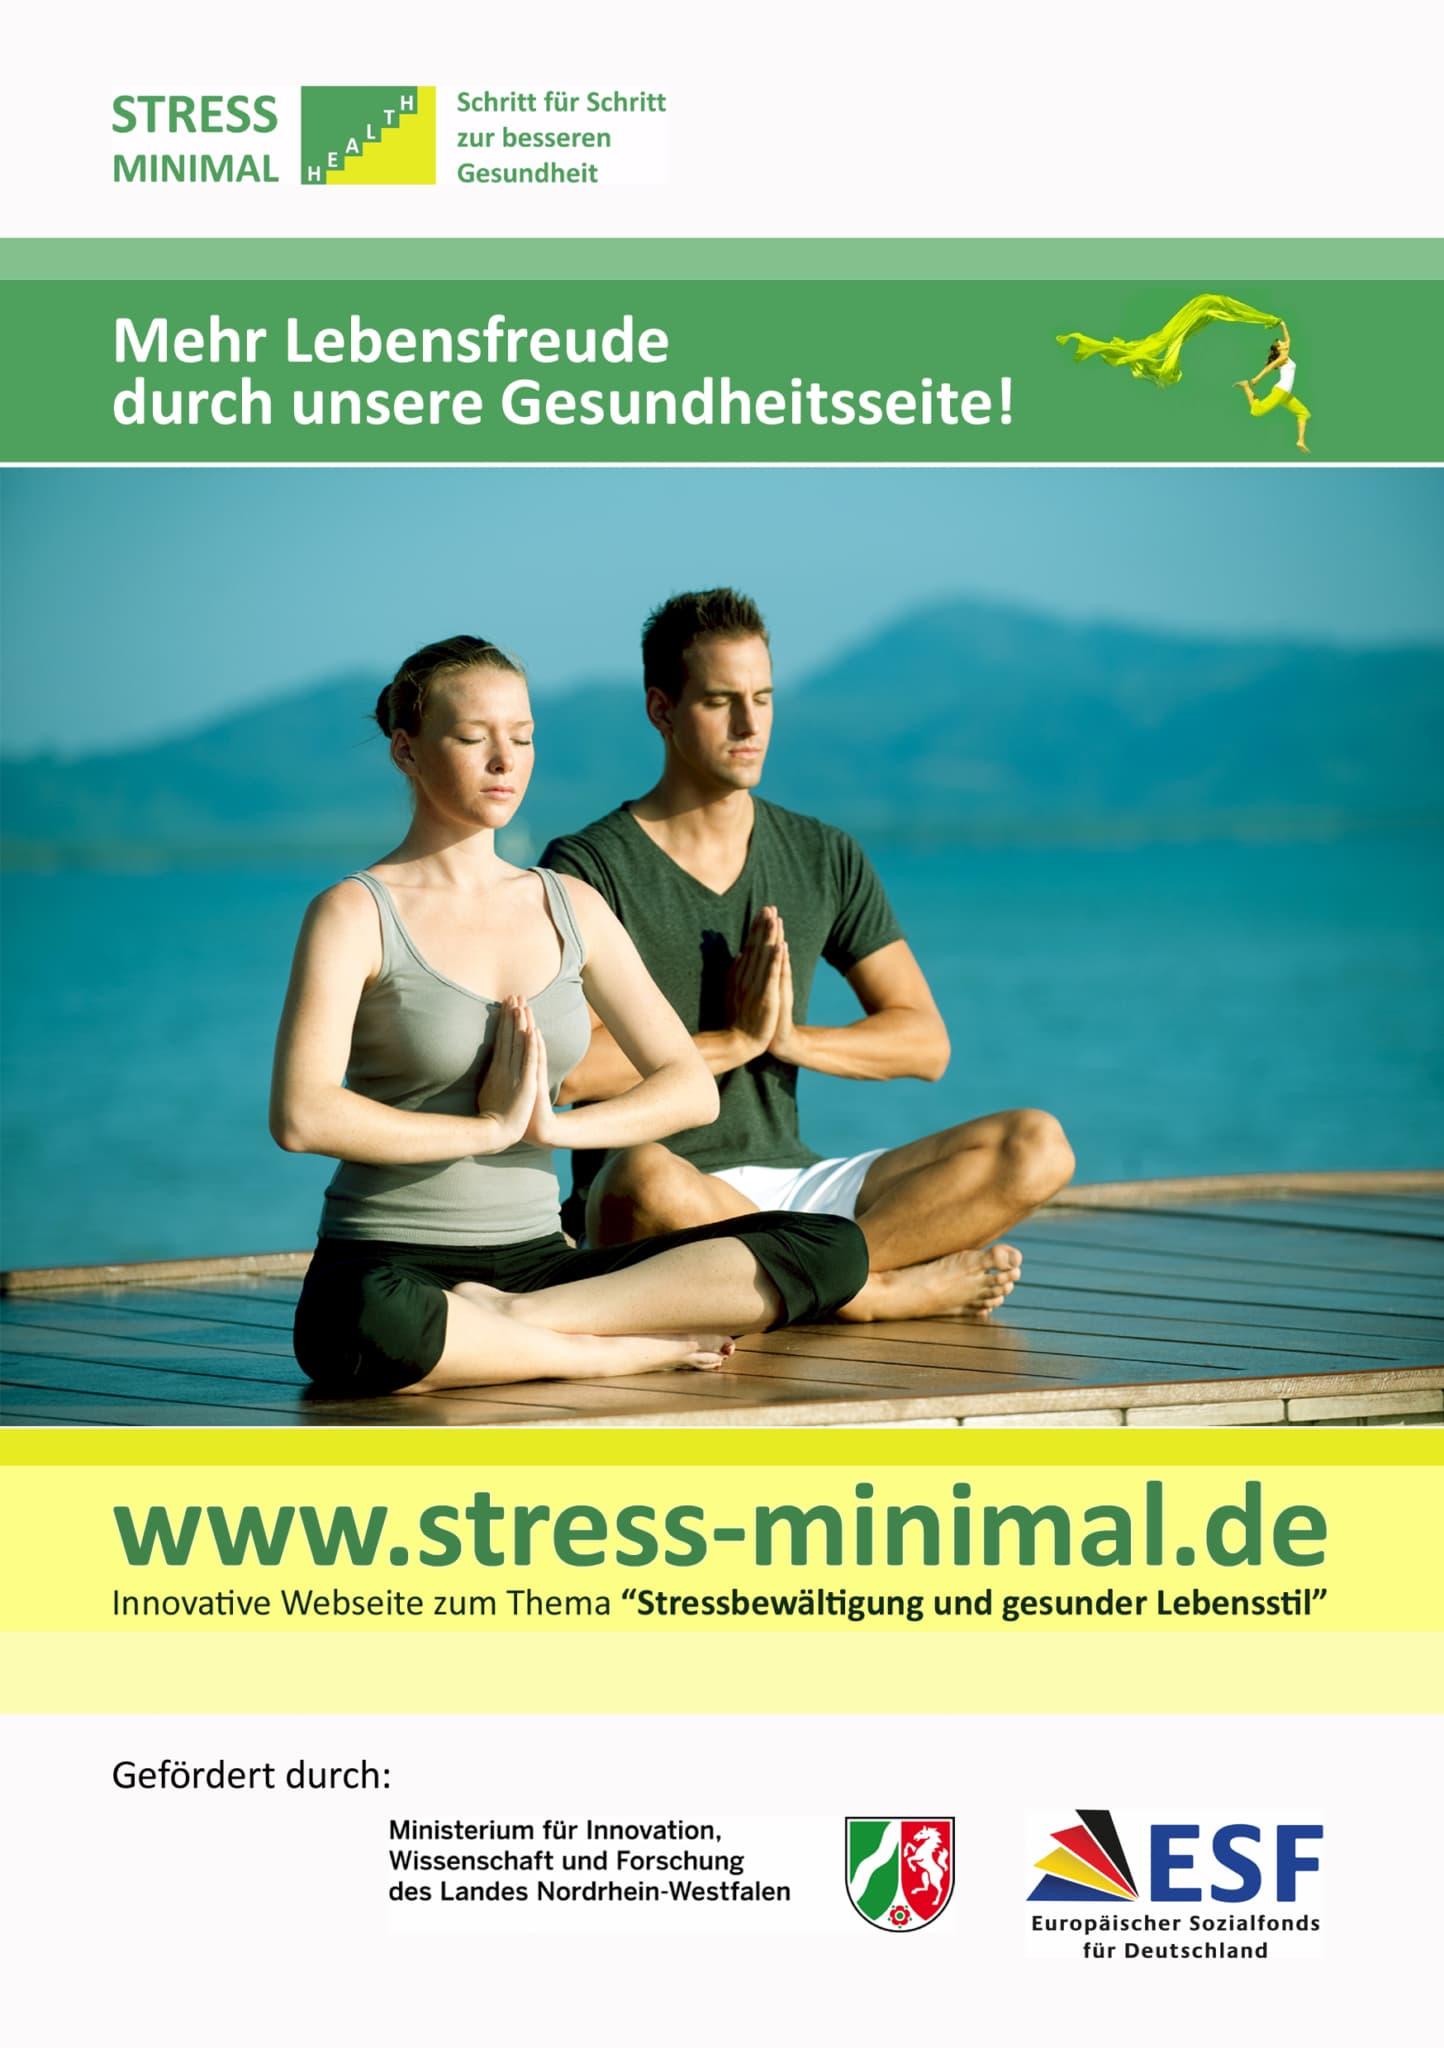 Stress Minimal